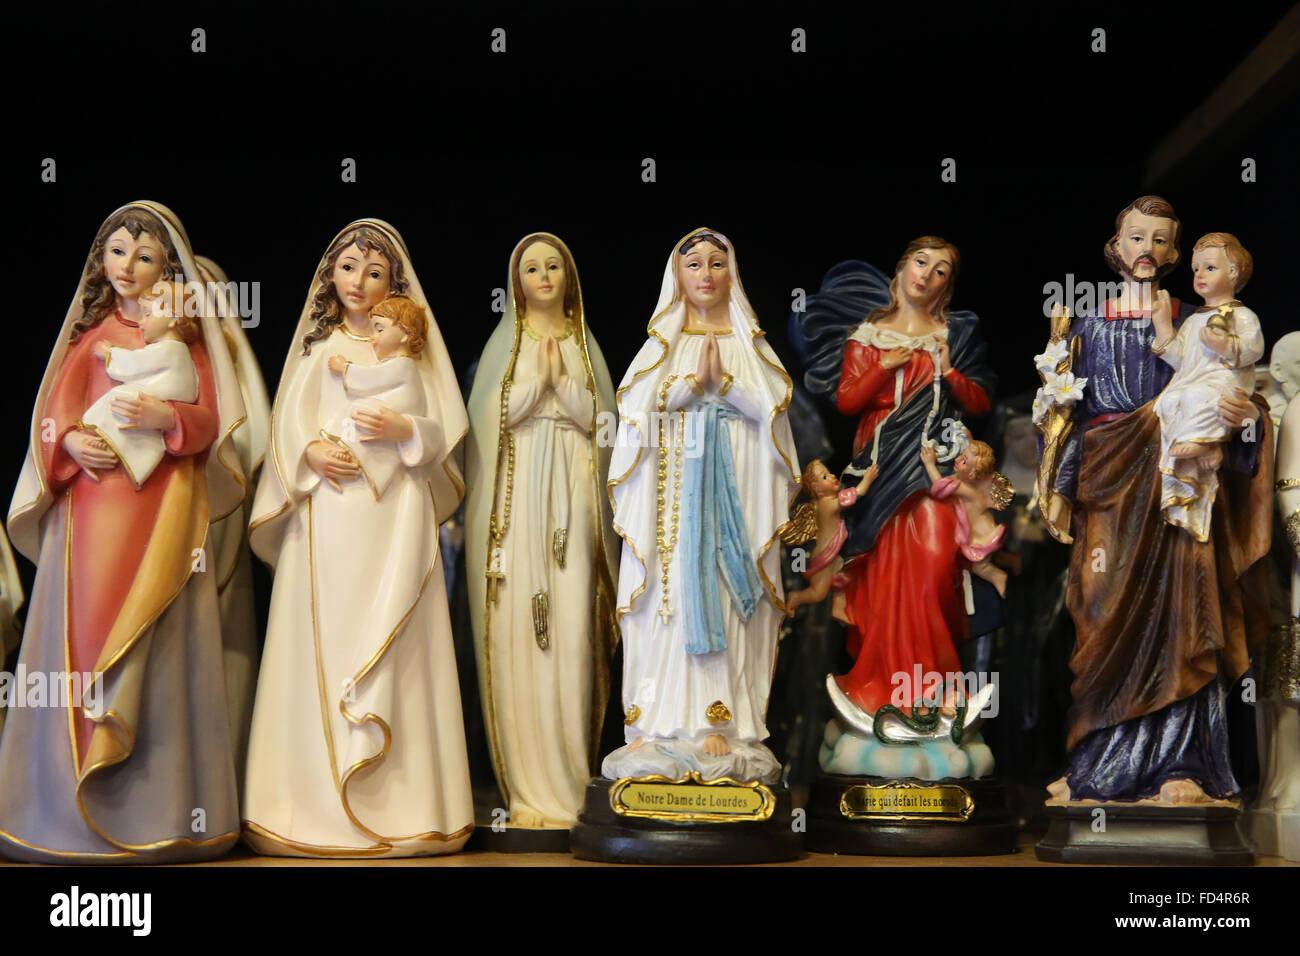 0c376fe63bd Tienda de la fe católica. Los artículos religiosos. Virgen María. Imagen De  Stock